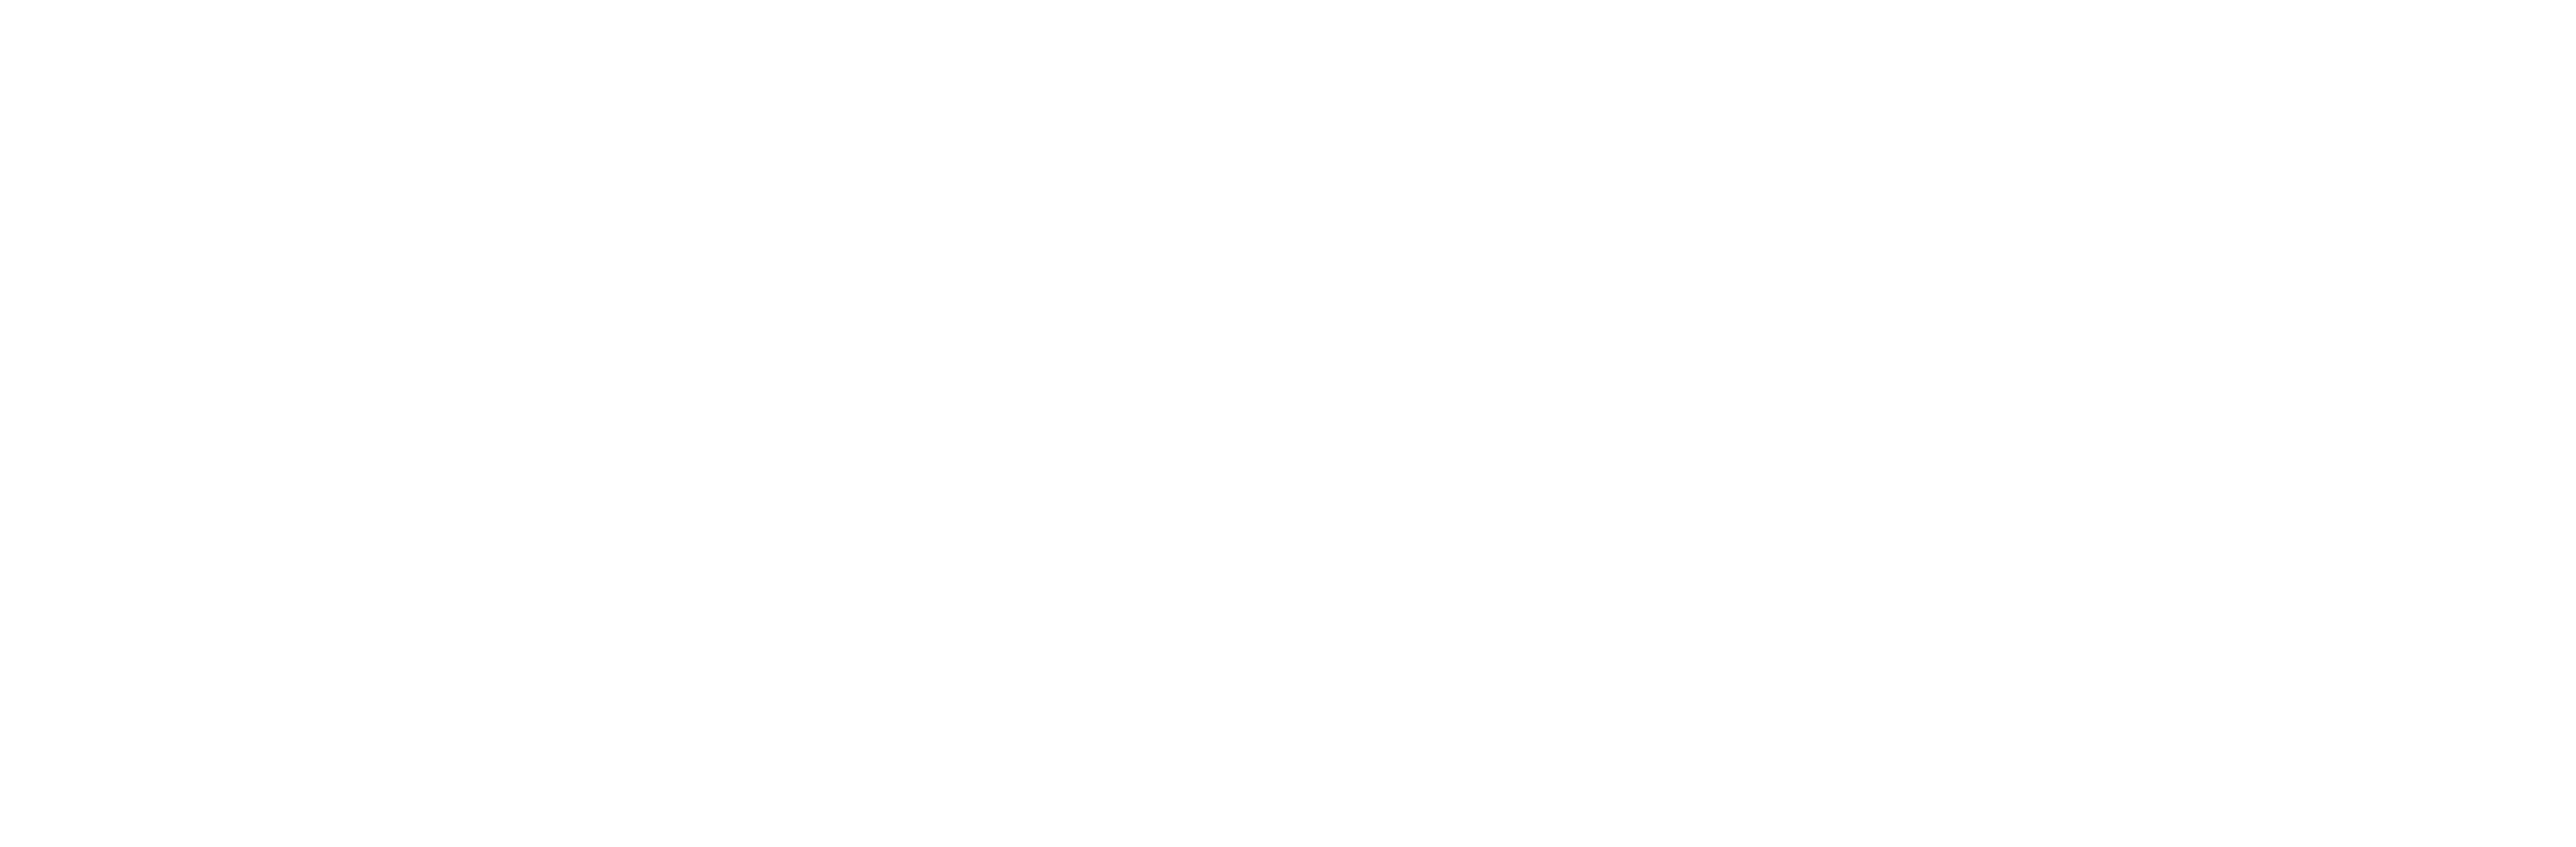 Robincourtois.com